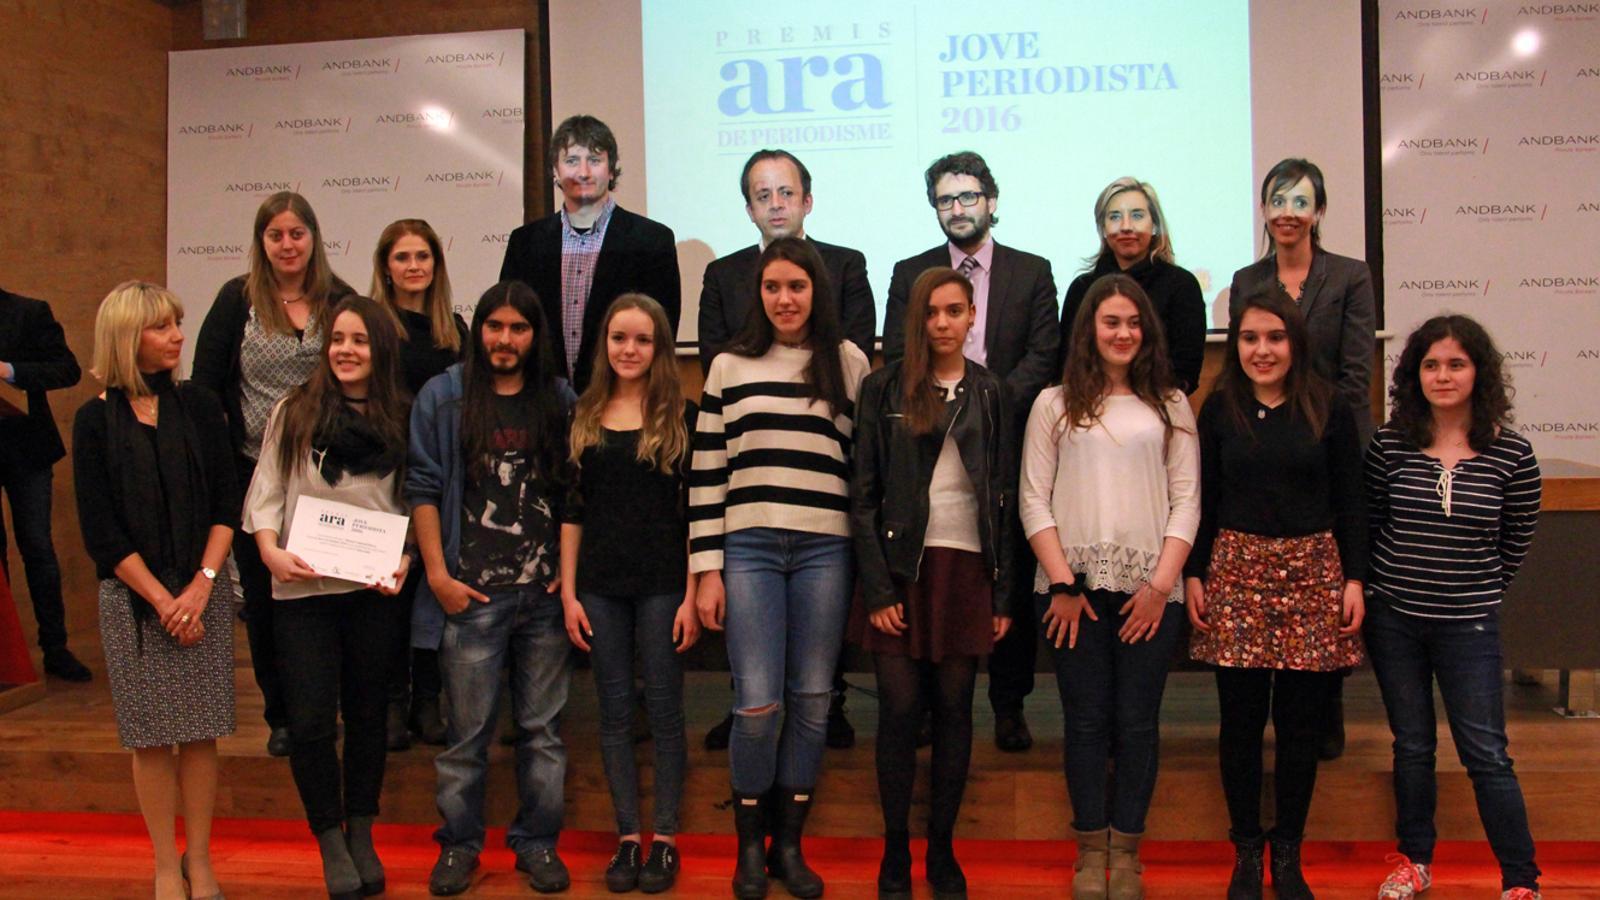 Fotografia amb els participants i el jurat del Premi Jove Periodista 2016 / M.B.